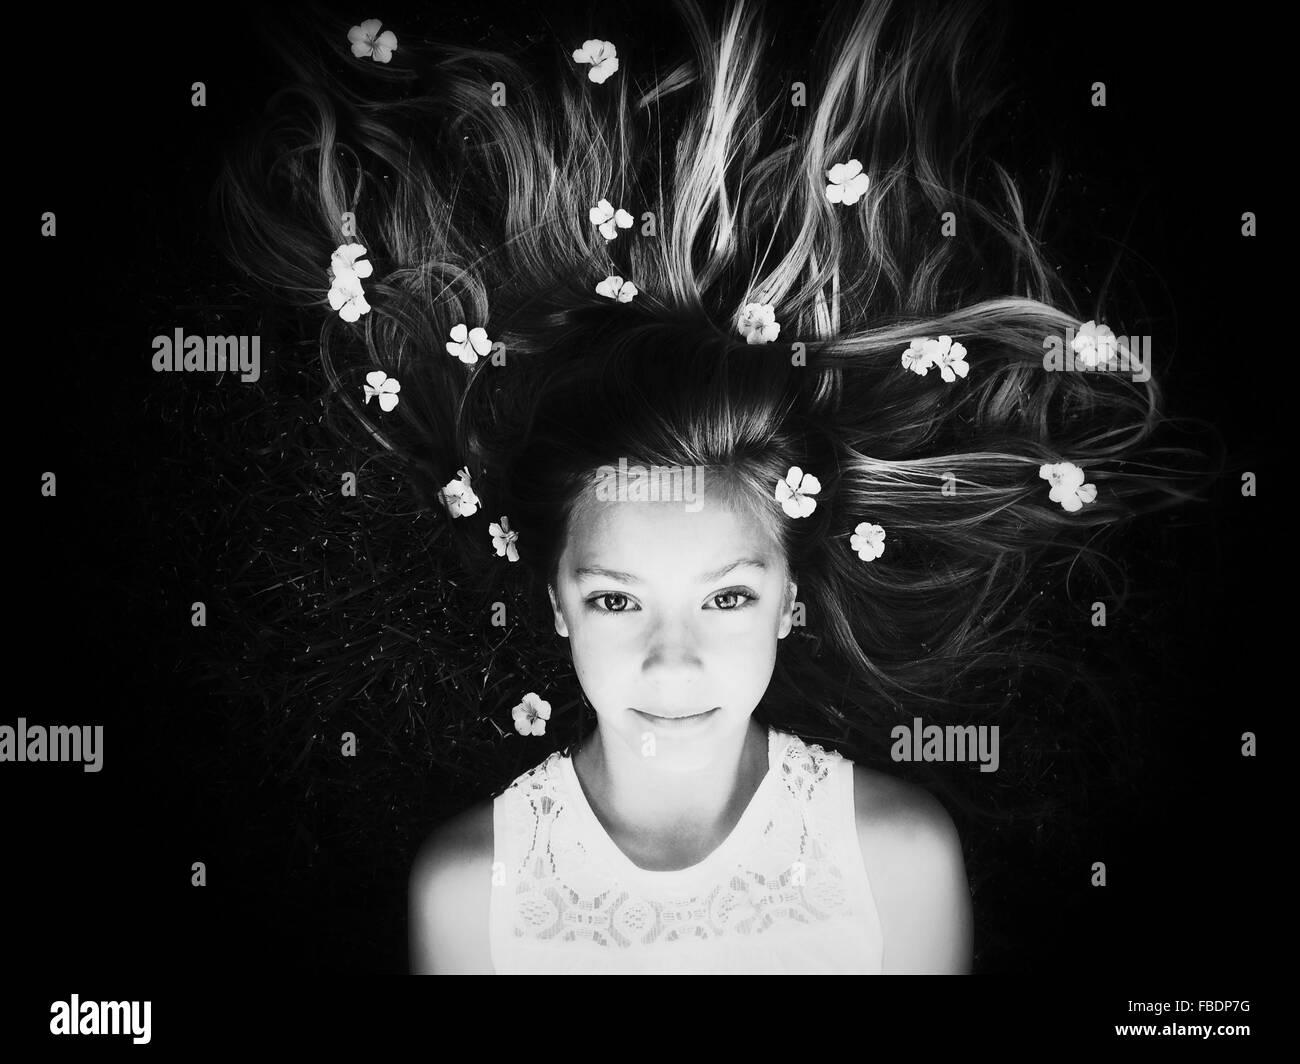 Retrato de niña acostado con flores en el cabello Imagen De Stock